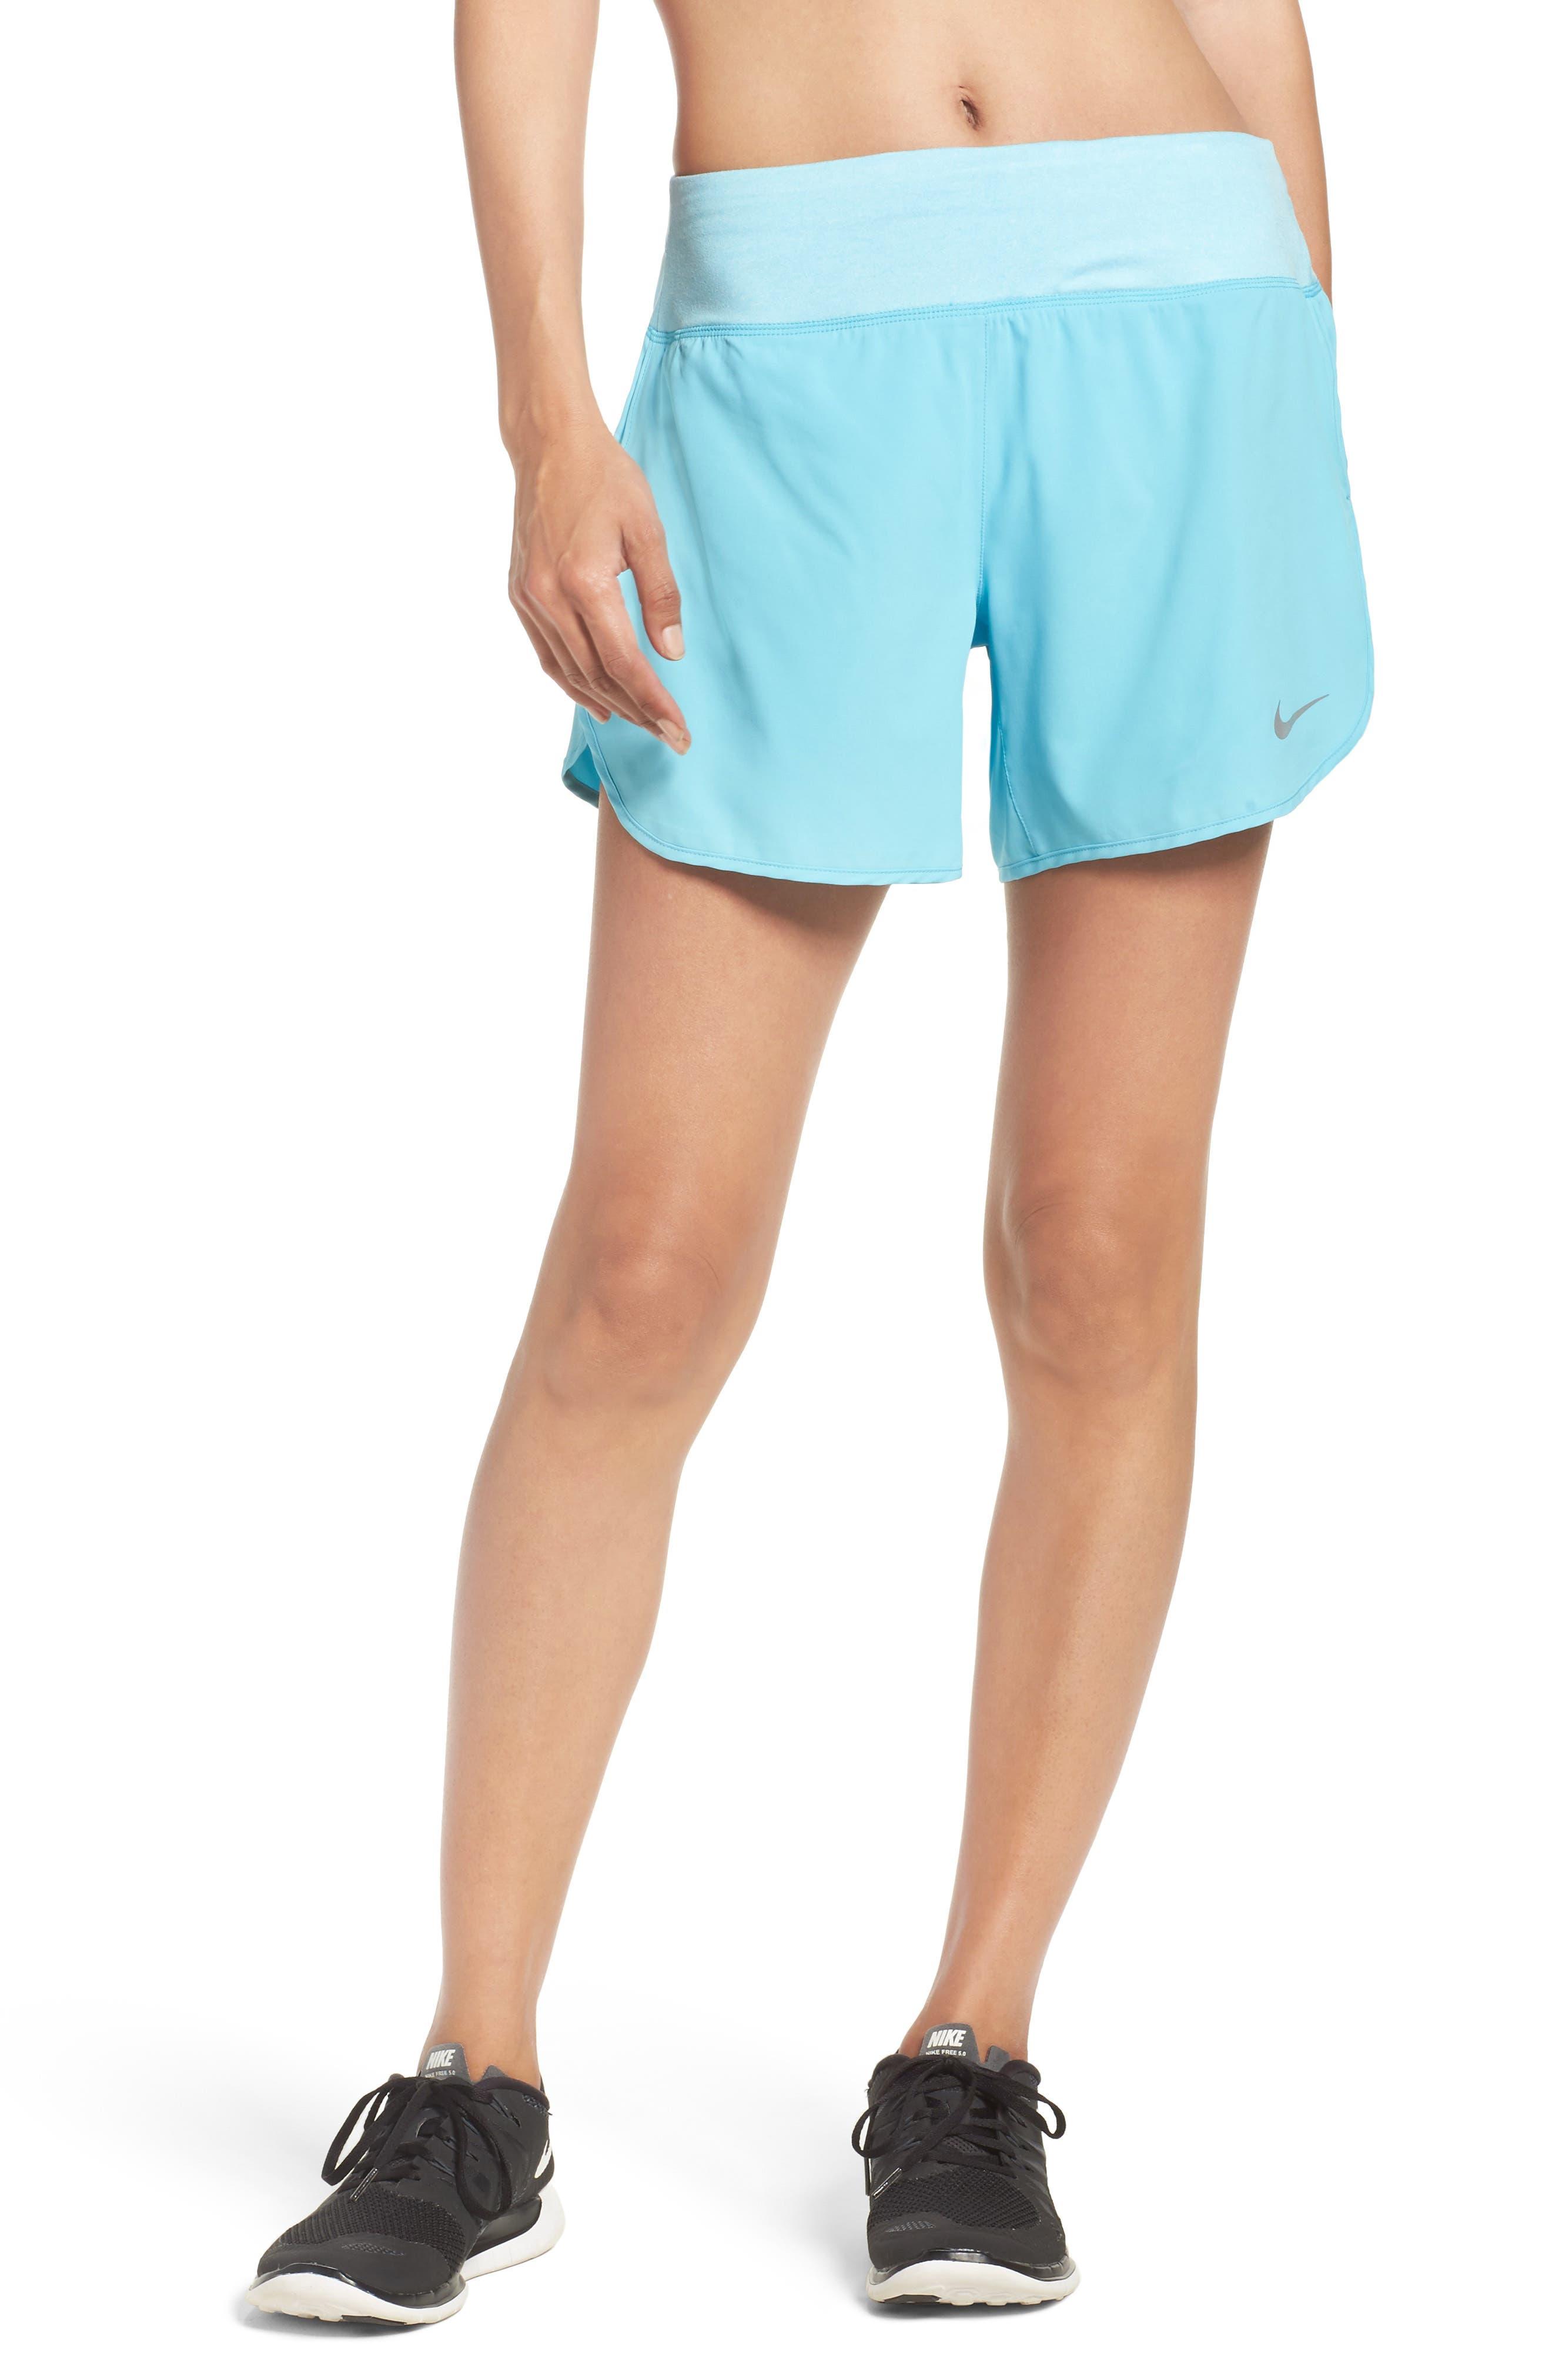 Flex Running Shorts,                         Main,                         color, Vivid Sky